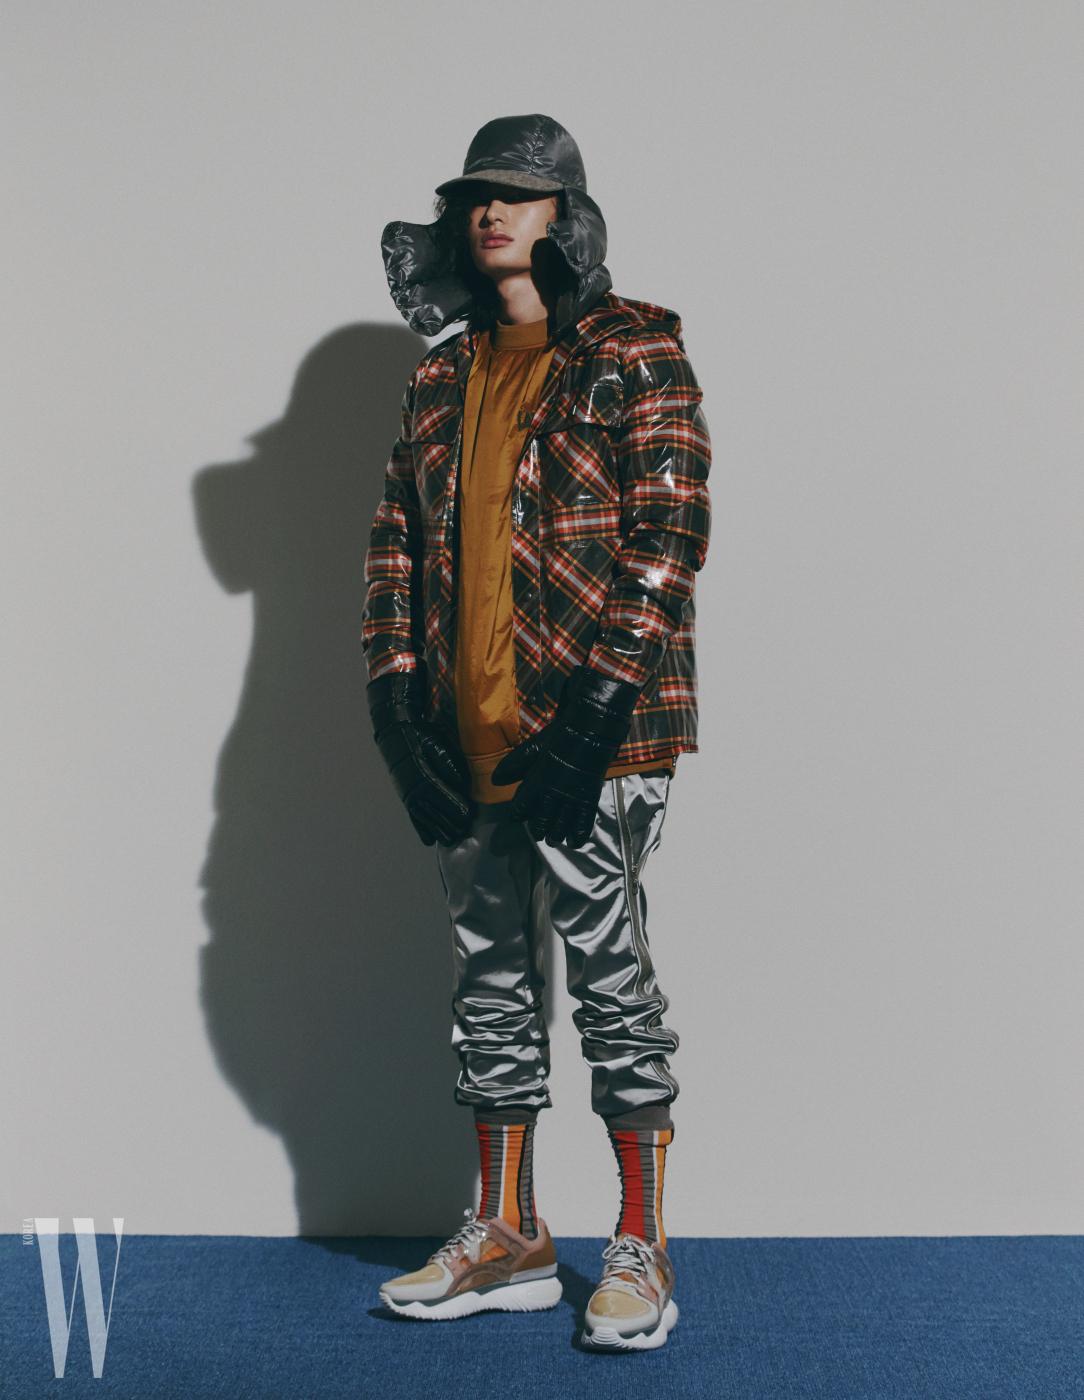 비닐이 코팅된 체크 재킷, 삭스는 보테가 베네타, 오렌지색 다운 톱은 준지, 은색 지퍼 장식 팬츠는 루이 비통, 모자와 장갑은 지제냐, 핑크색 스니커즈는 펜디 제품.